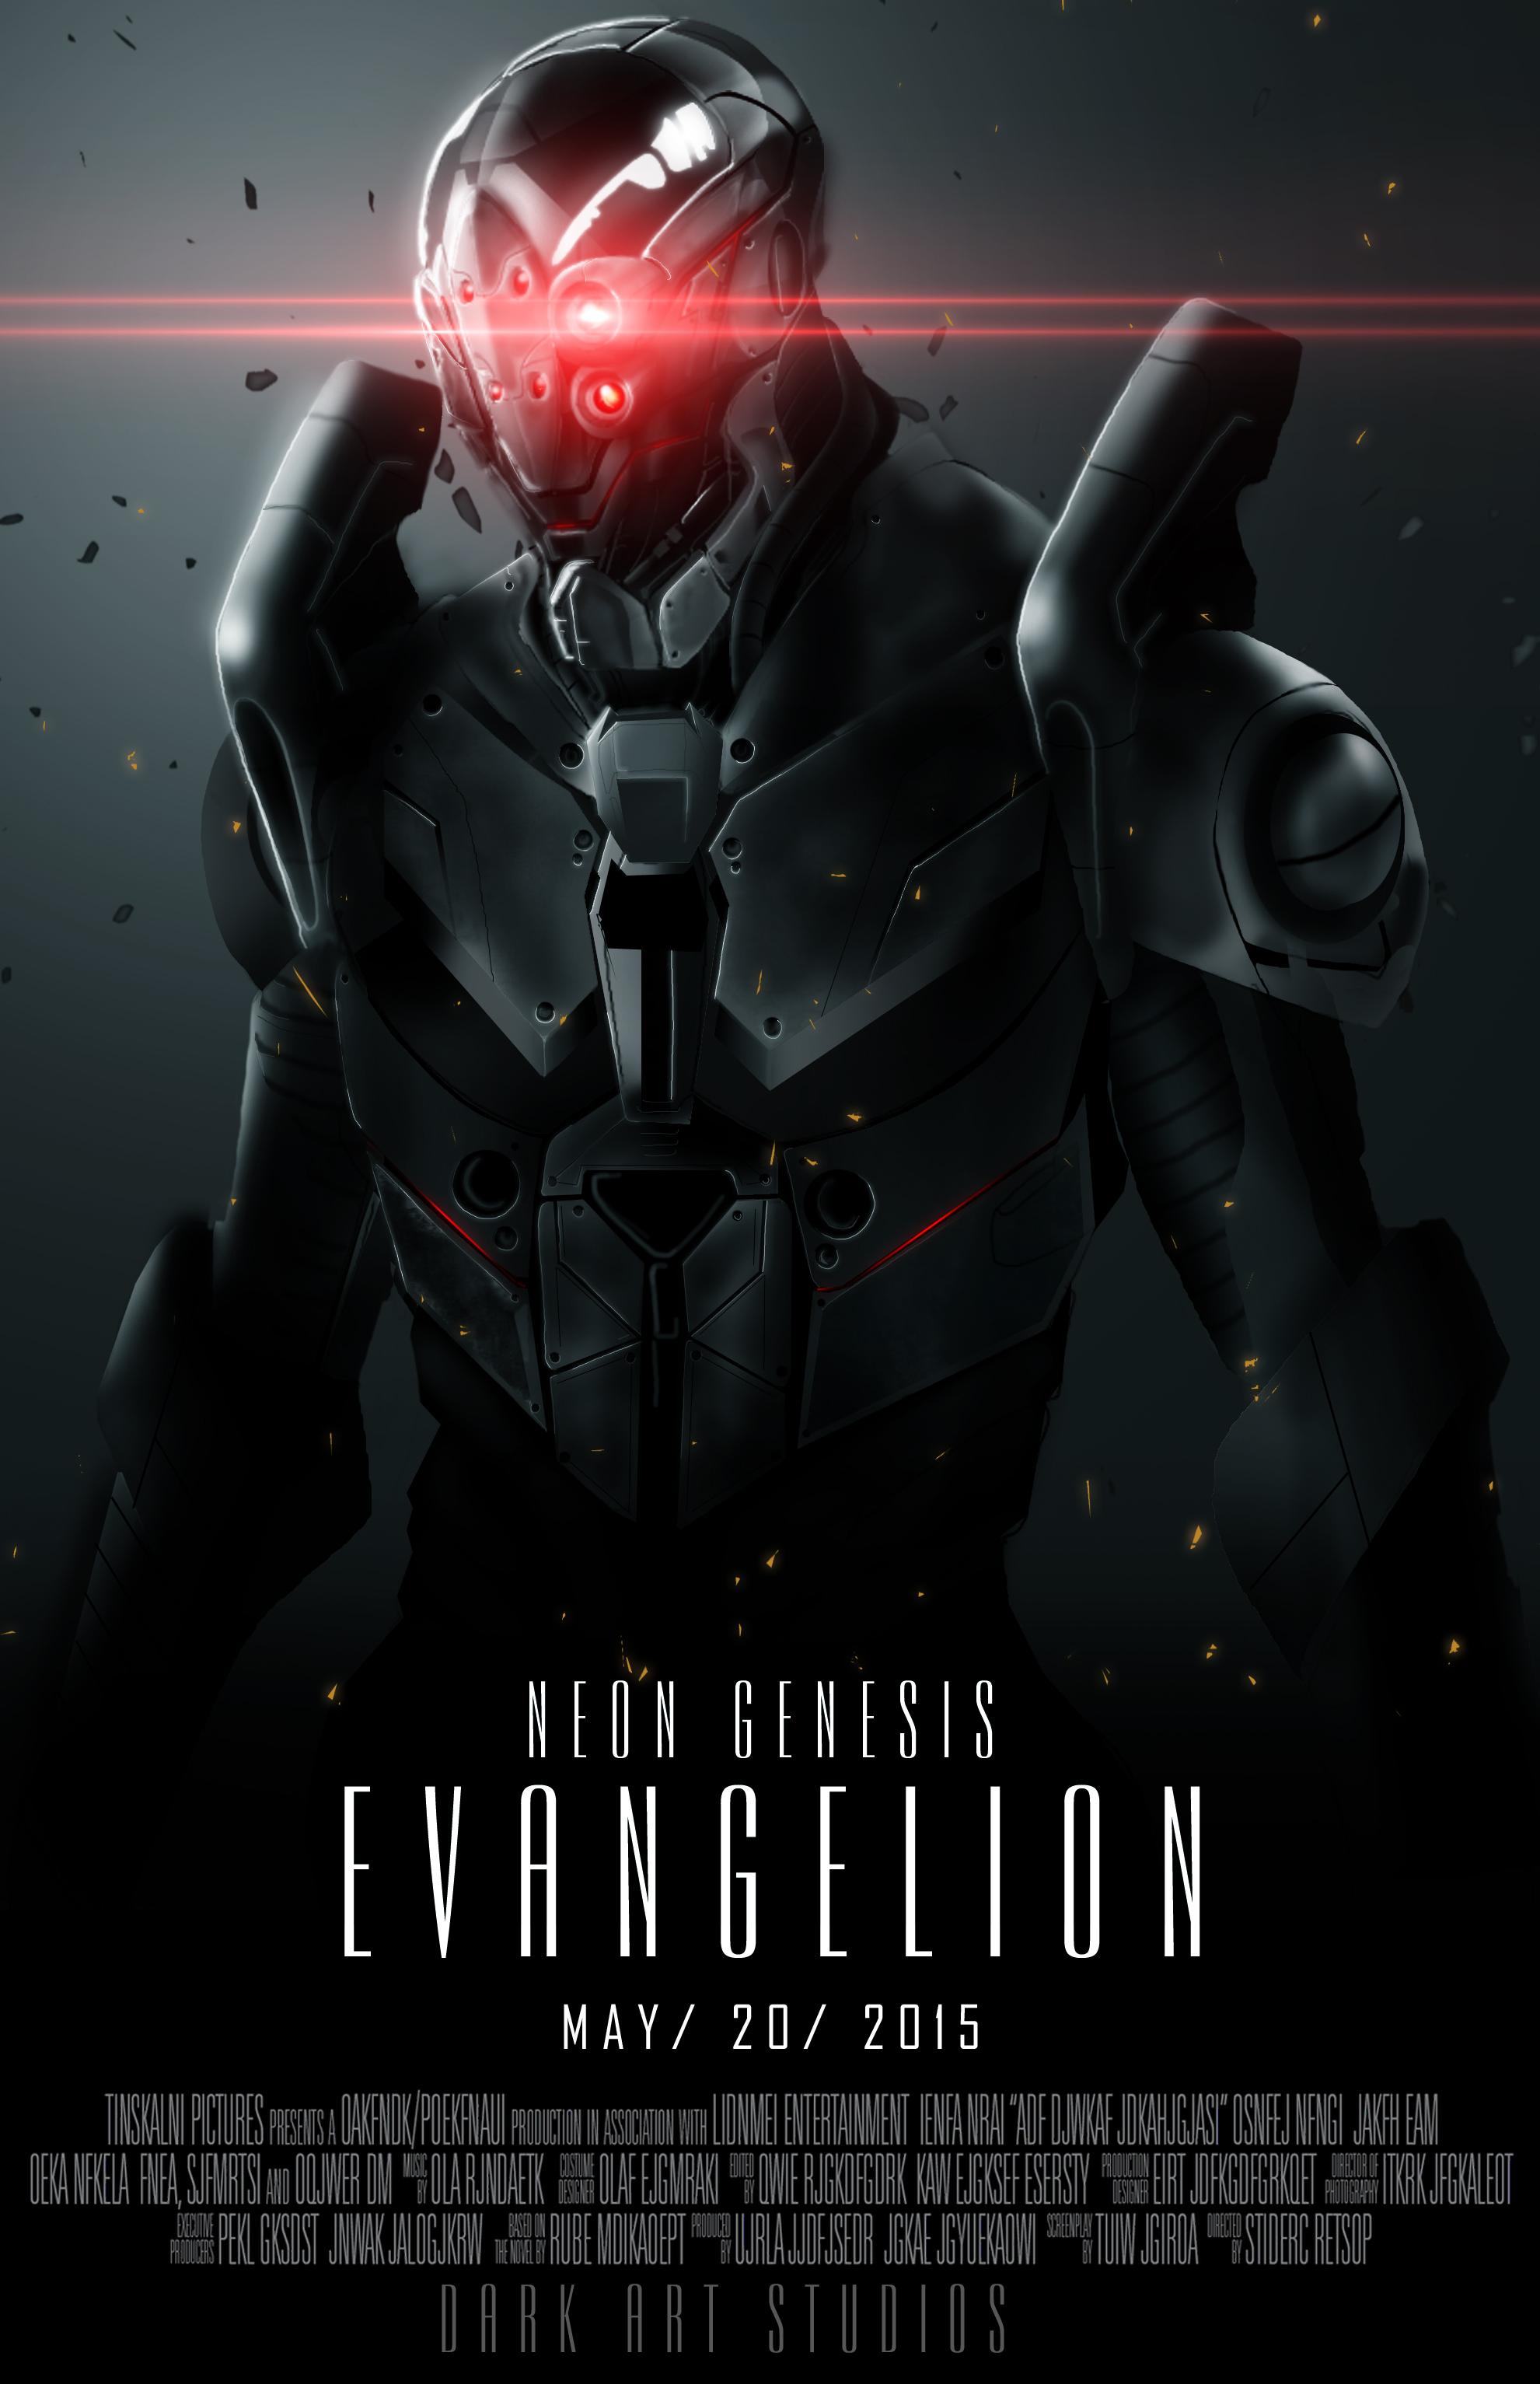 neon genesis evangelion movie